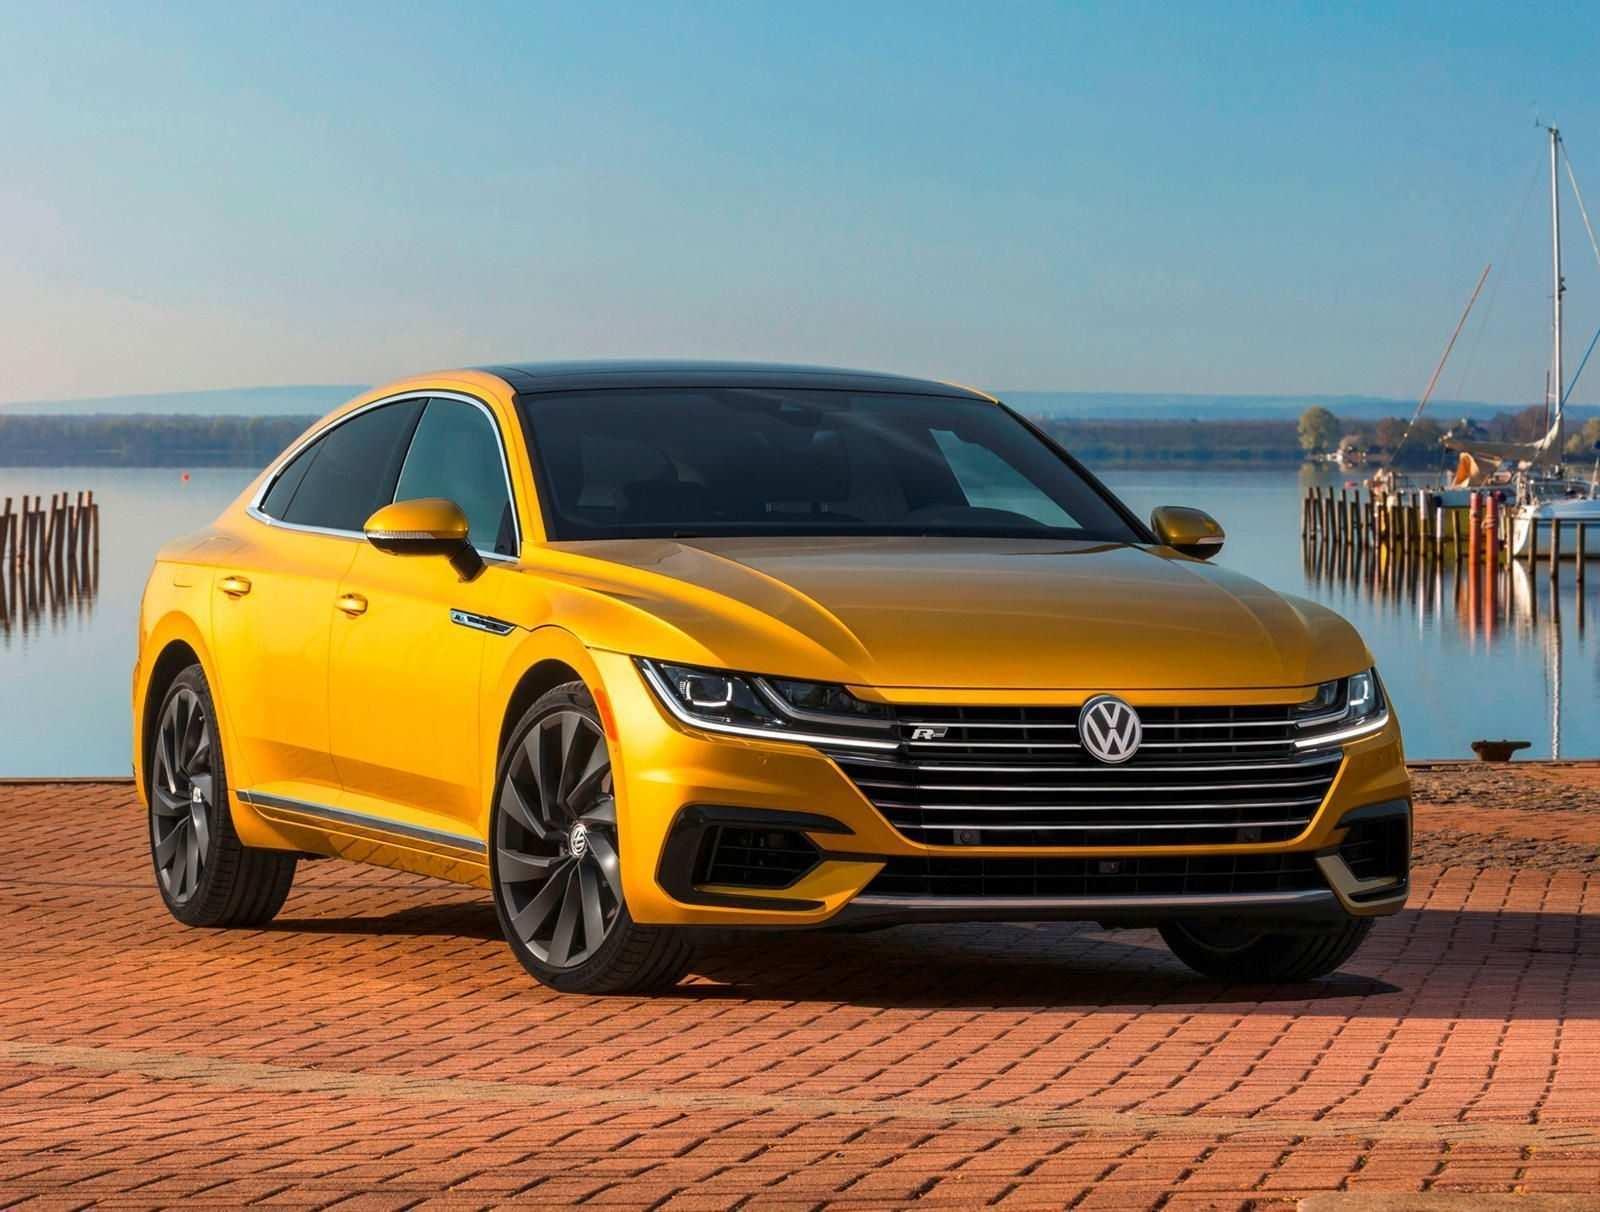 72 Concept of 2020 Volkswagen Arteon Exterior Pictures for 2020 Volkswagen Arteon Exterior